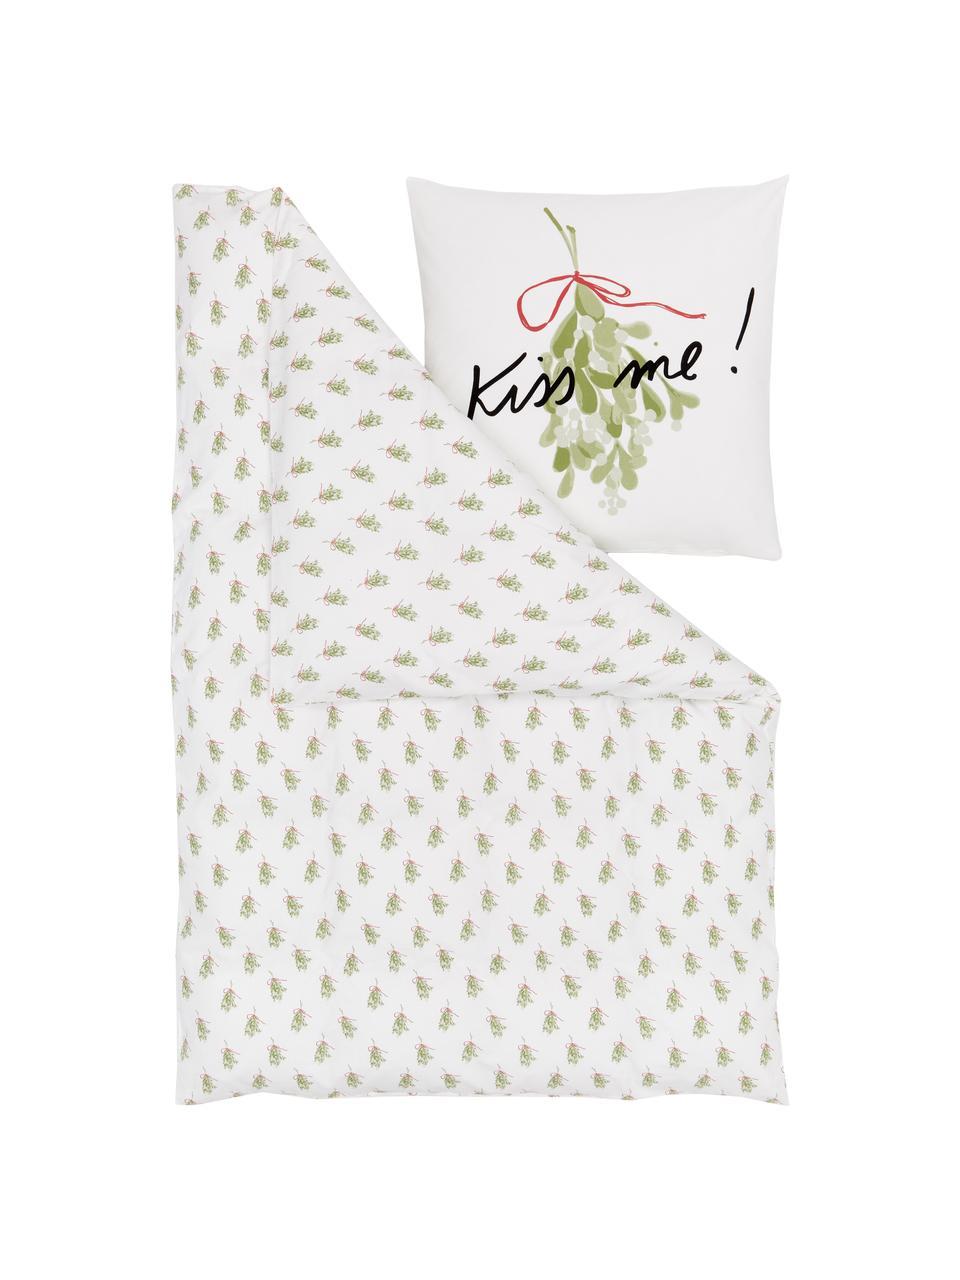 Designer Flanell-Bettwäsche Kiss Me von Kera Till, Webart: Flanell, Weiß, Grün, Schwarz, Rot, 135 x 200 cm + 1 Kissen 80 x 80 cm